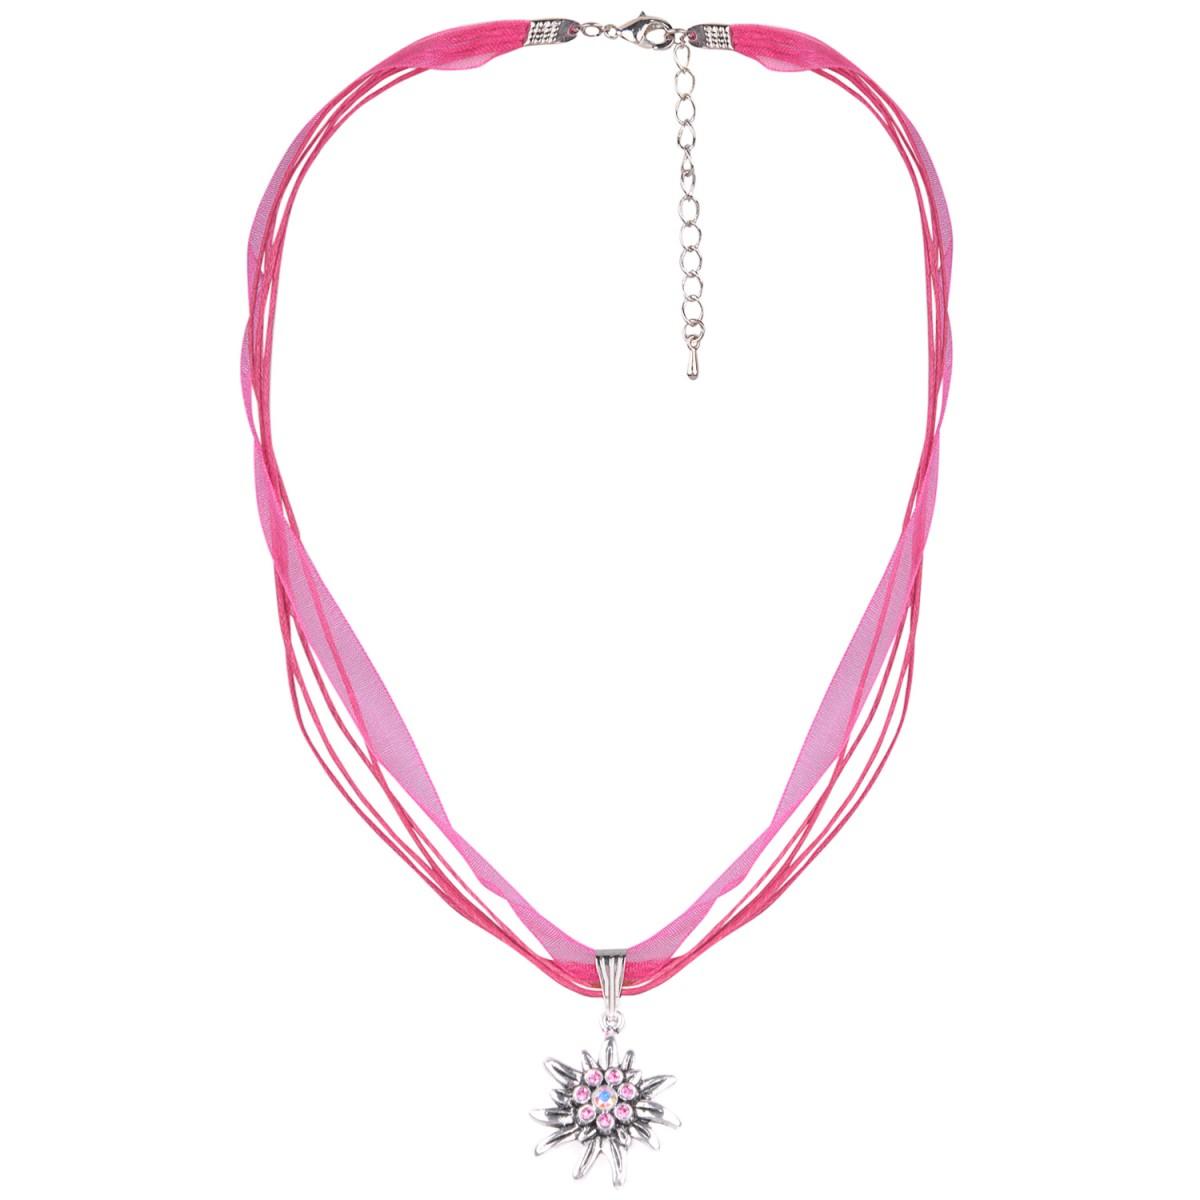 Halskette in Pink mit 4 Bändern mit Edelweiß von Schlick Accessoires günstig online kaufen